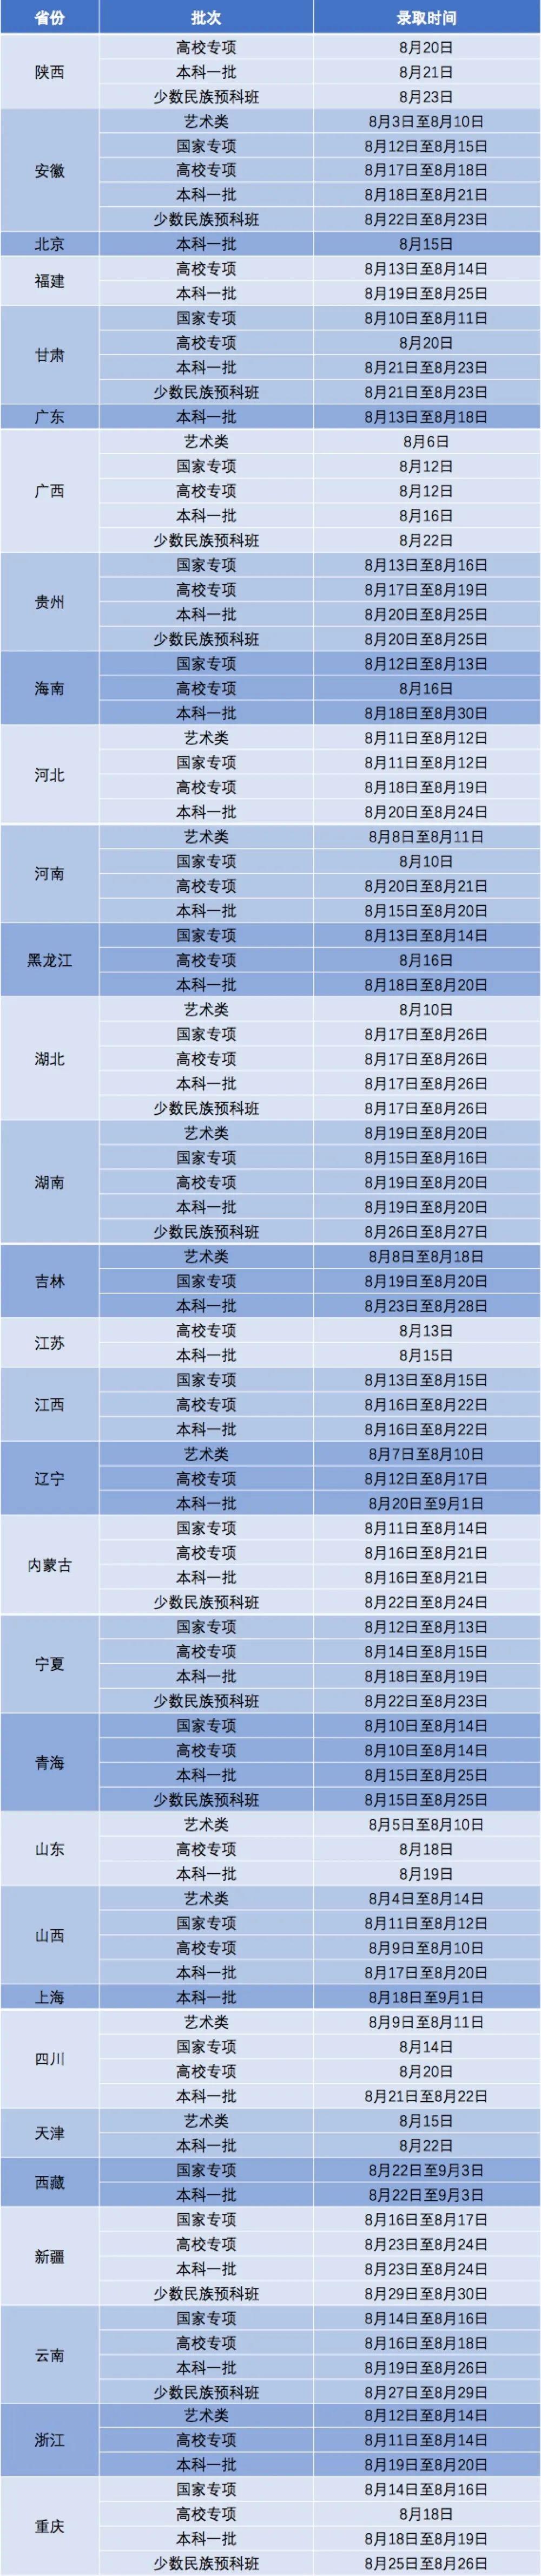 西安电子科技大学2020年高考录取结果更新(截止8月9日20:00)